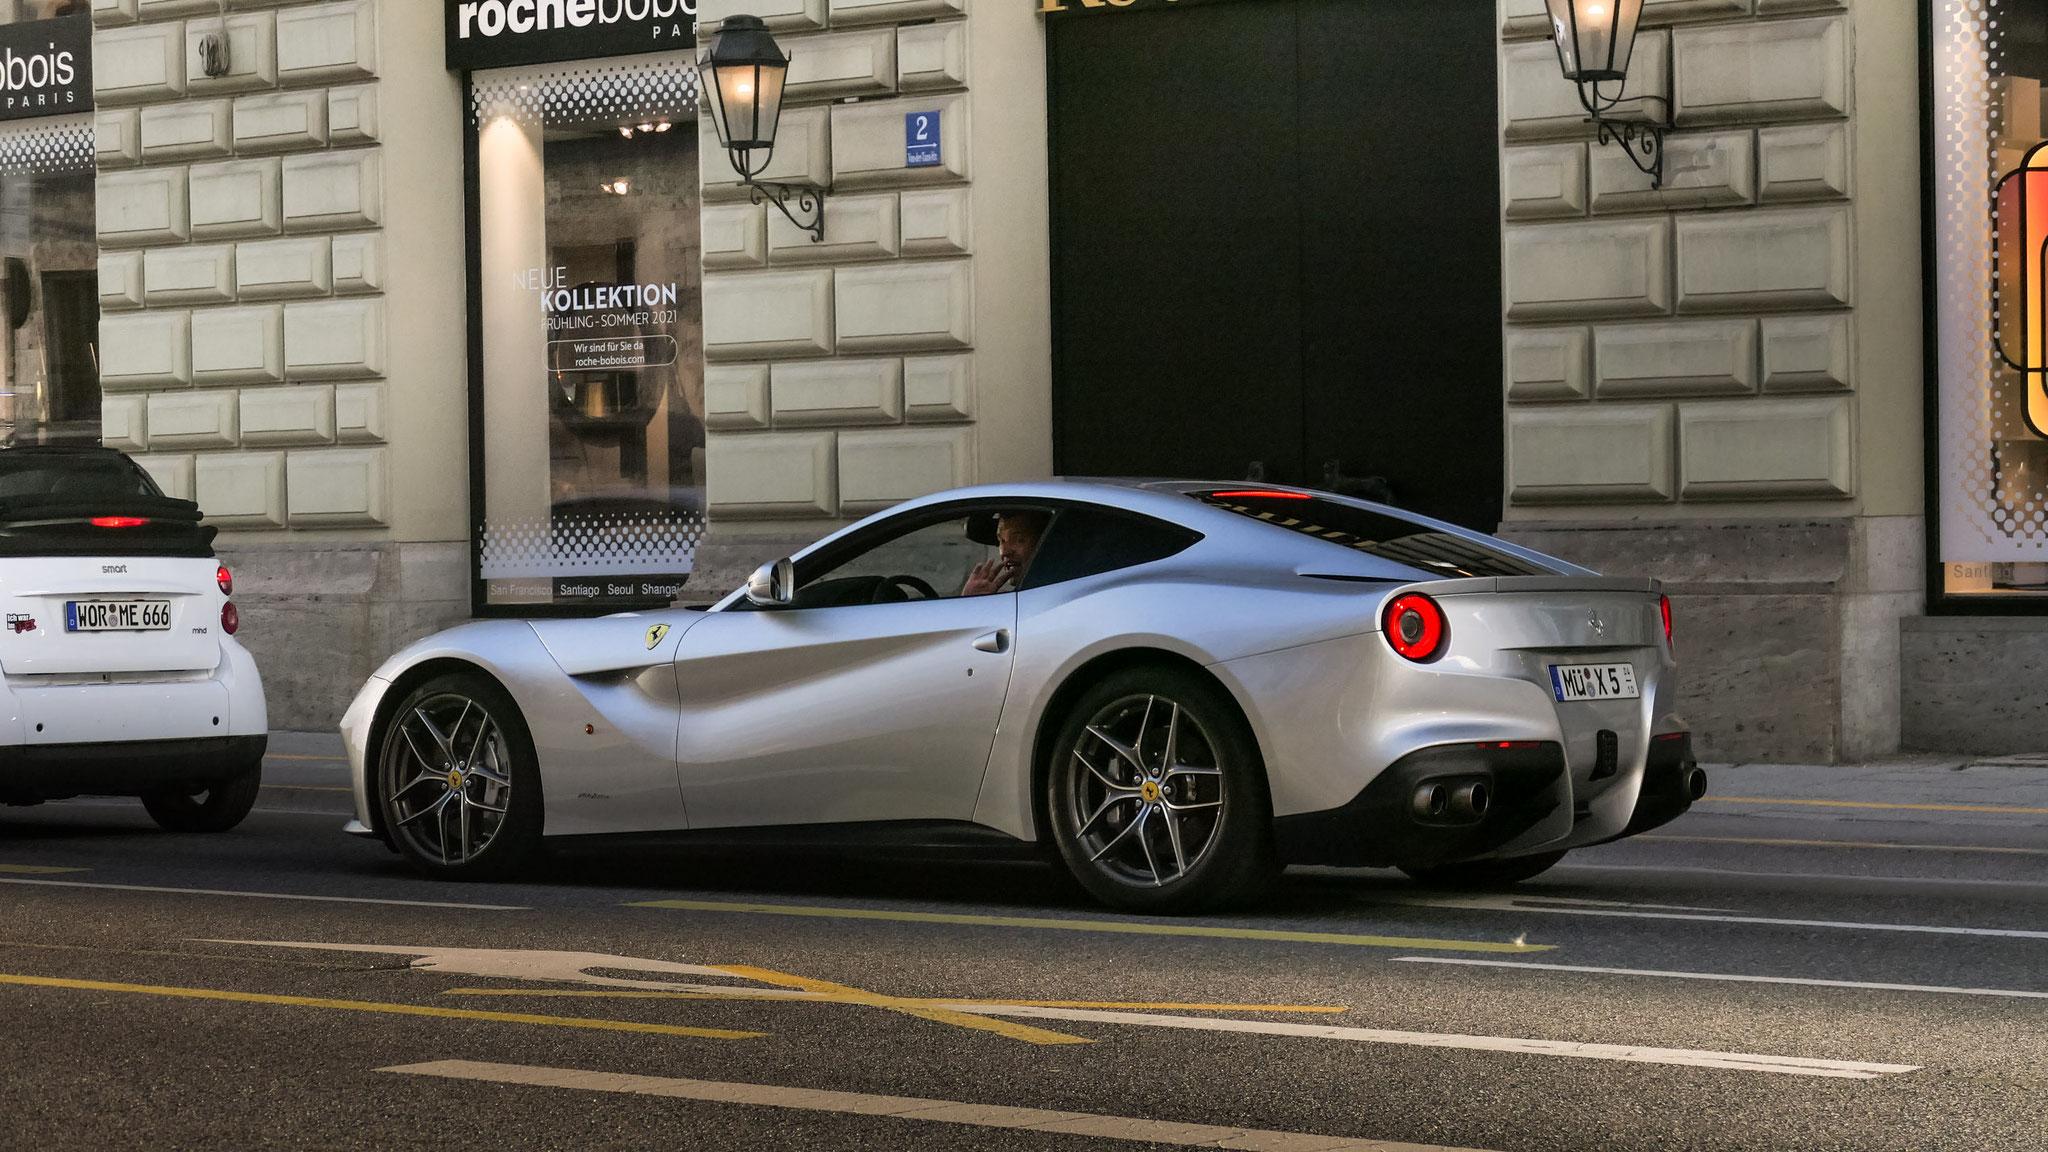 Ferrari F12 Berlinetta - MÜP-X-5